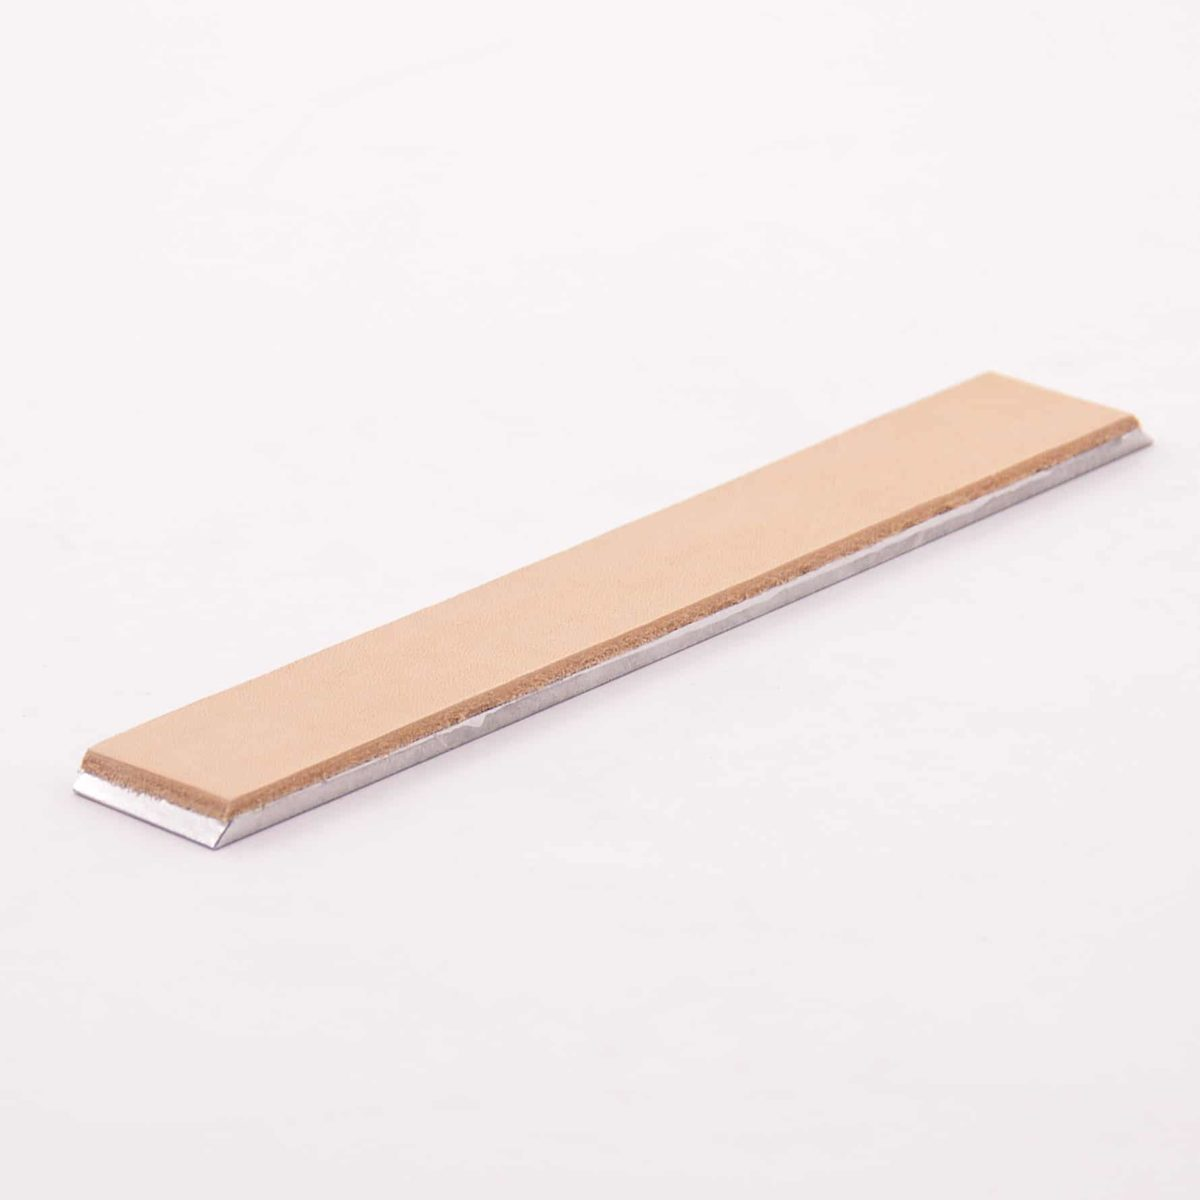 Бланк алюминиевый с кожей VID (доводочный) 25 мм